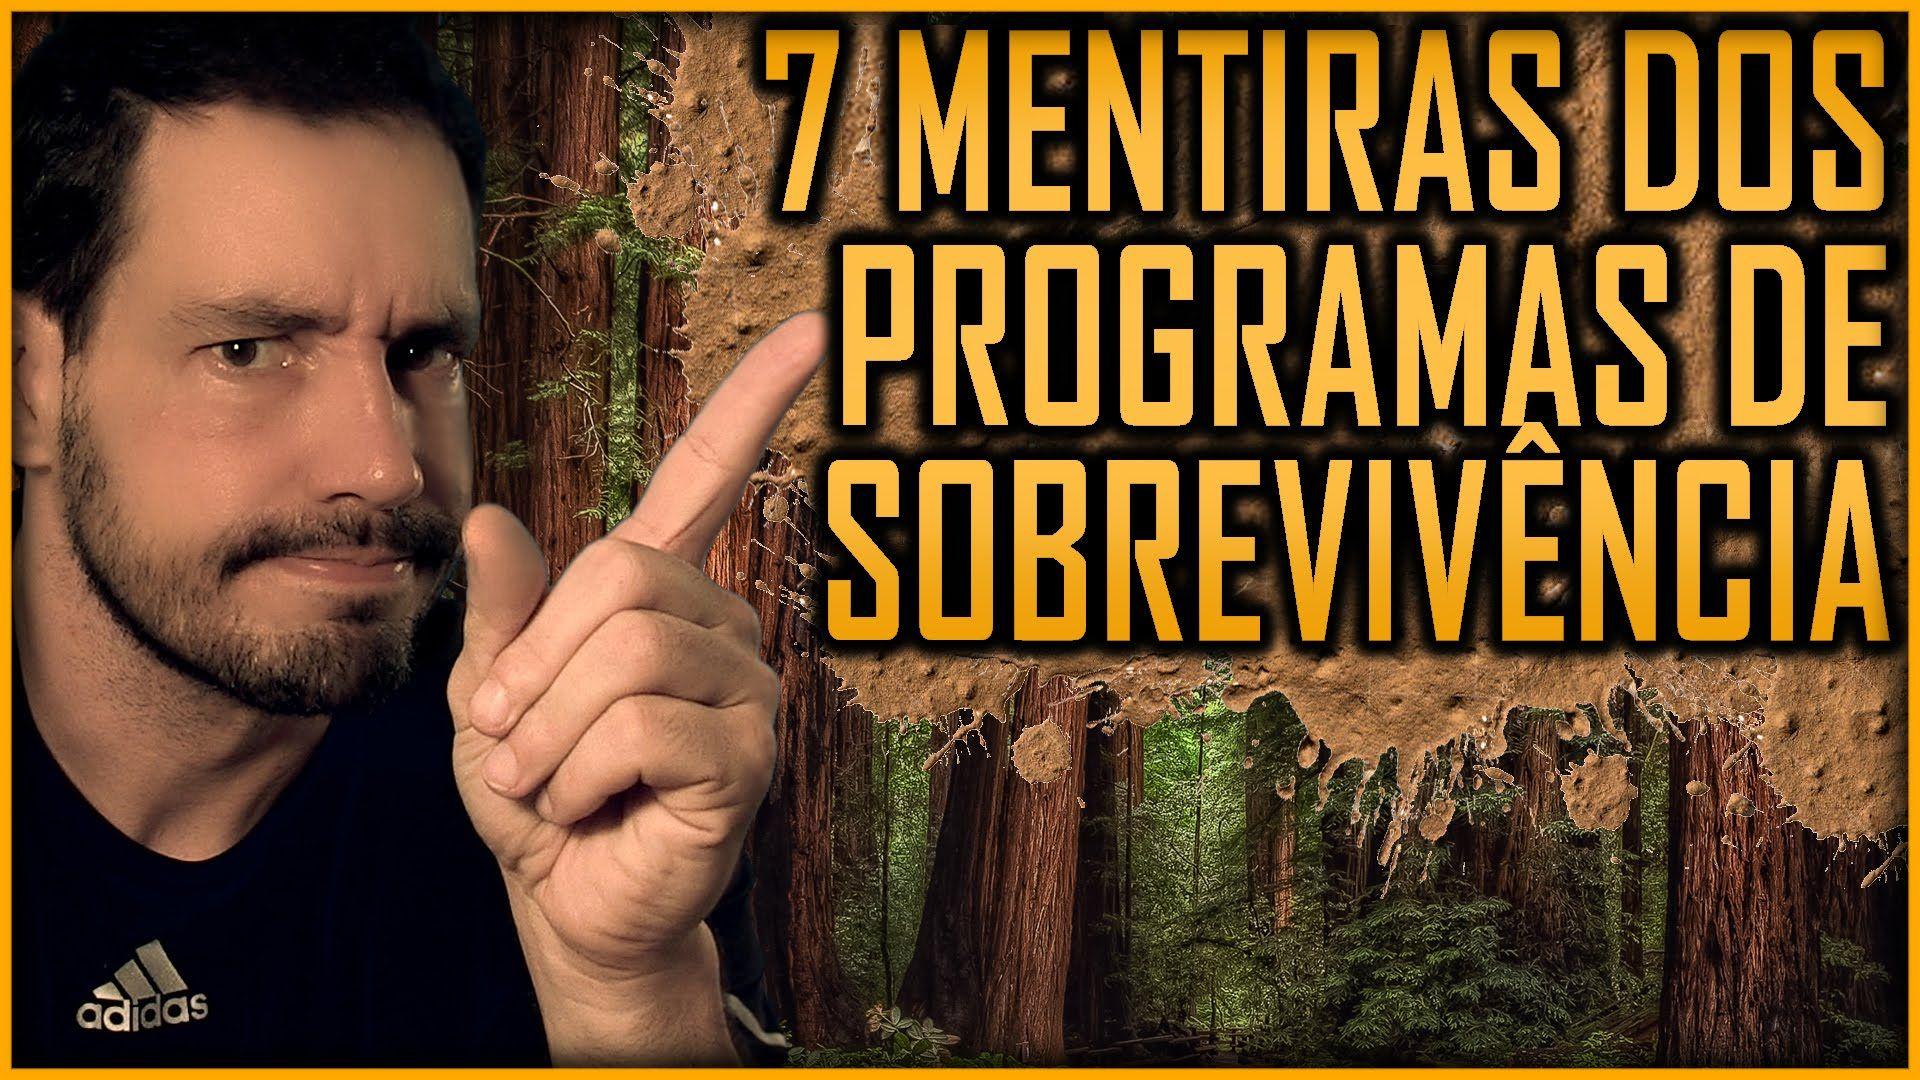 7 Mentiras dos Programas de Sobrevivência (filmes e séries tbm!)